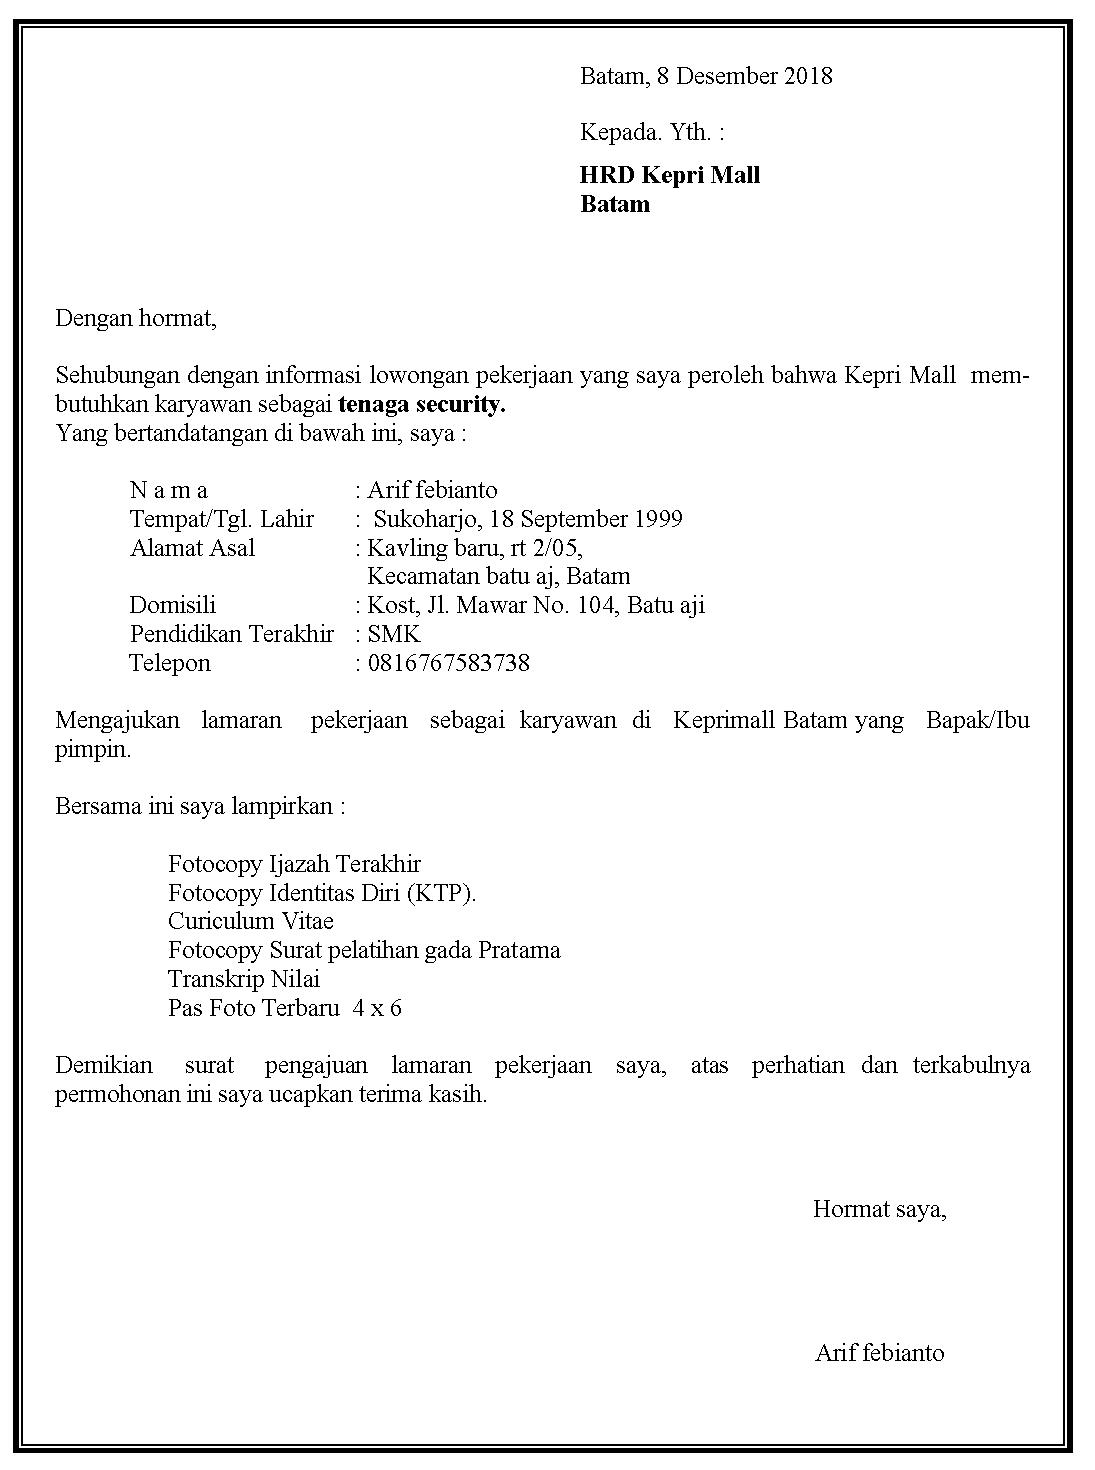 Contoh surat lamaran kerja security di Kepri Mall